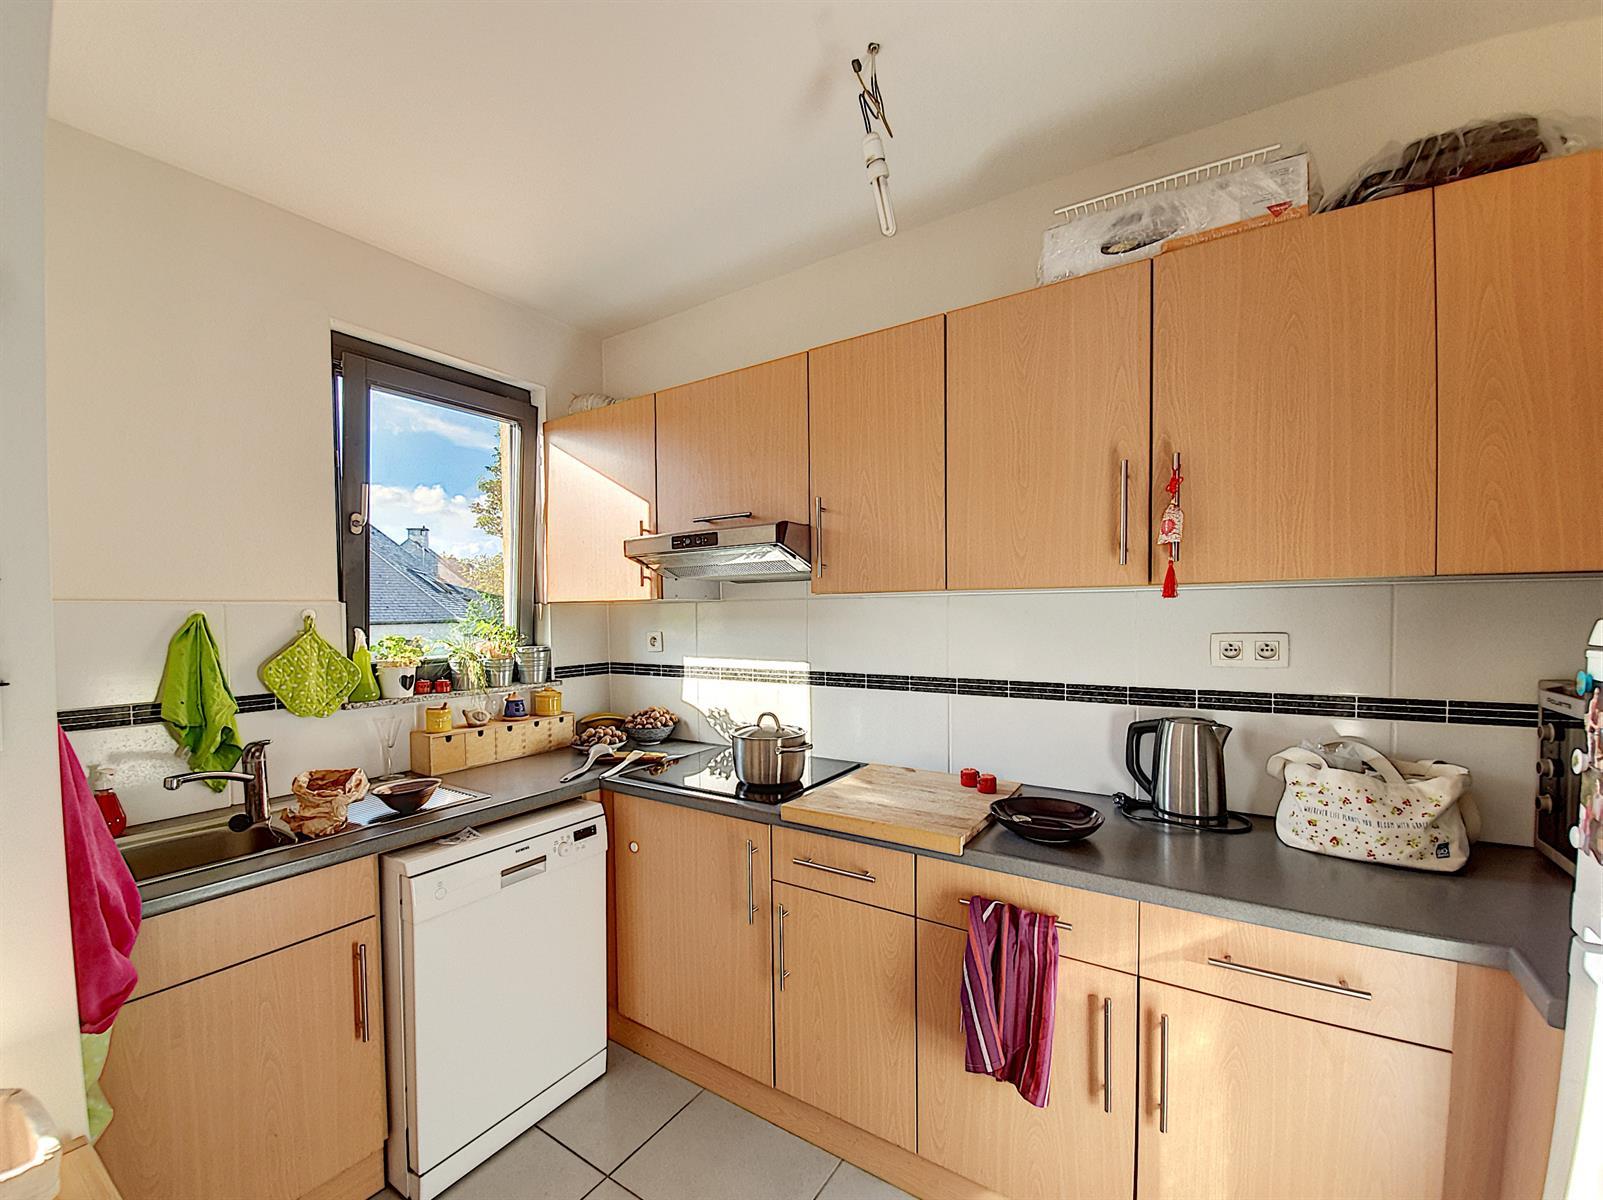 Appartement - Ottignies-Louvain-la-Neuve Louvain-la-Neuve - #4392627-5